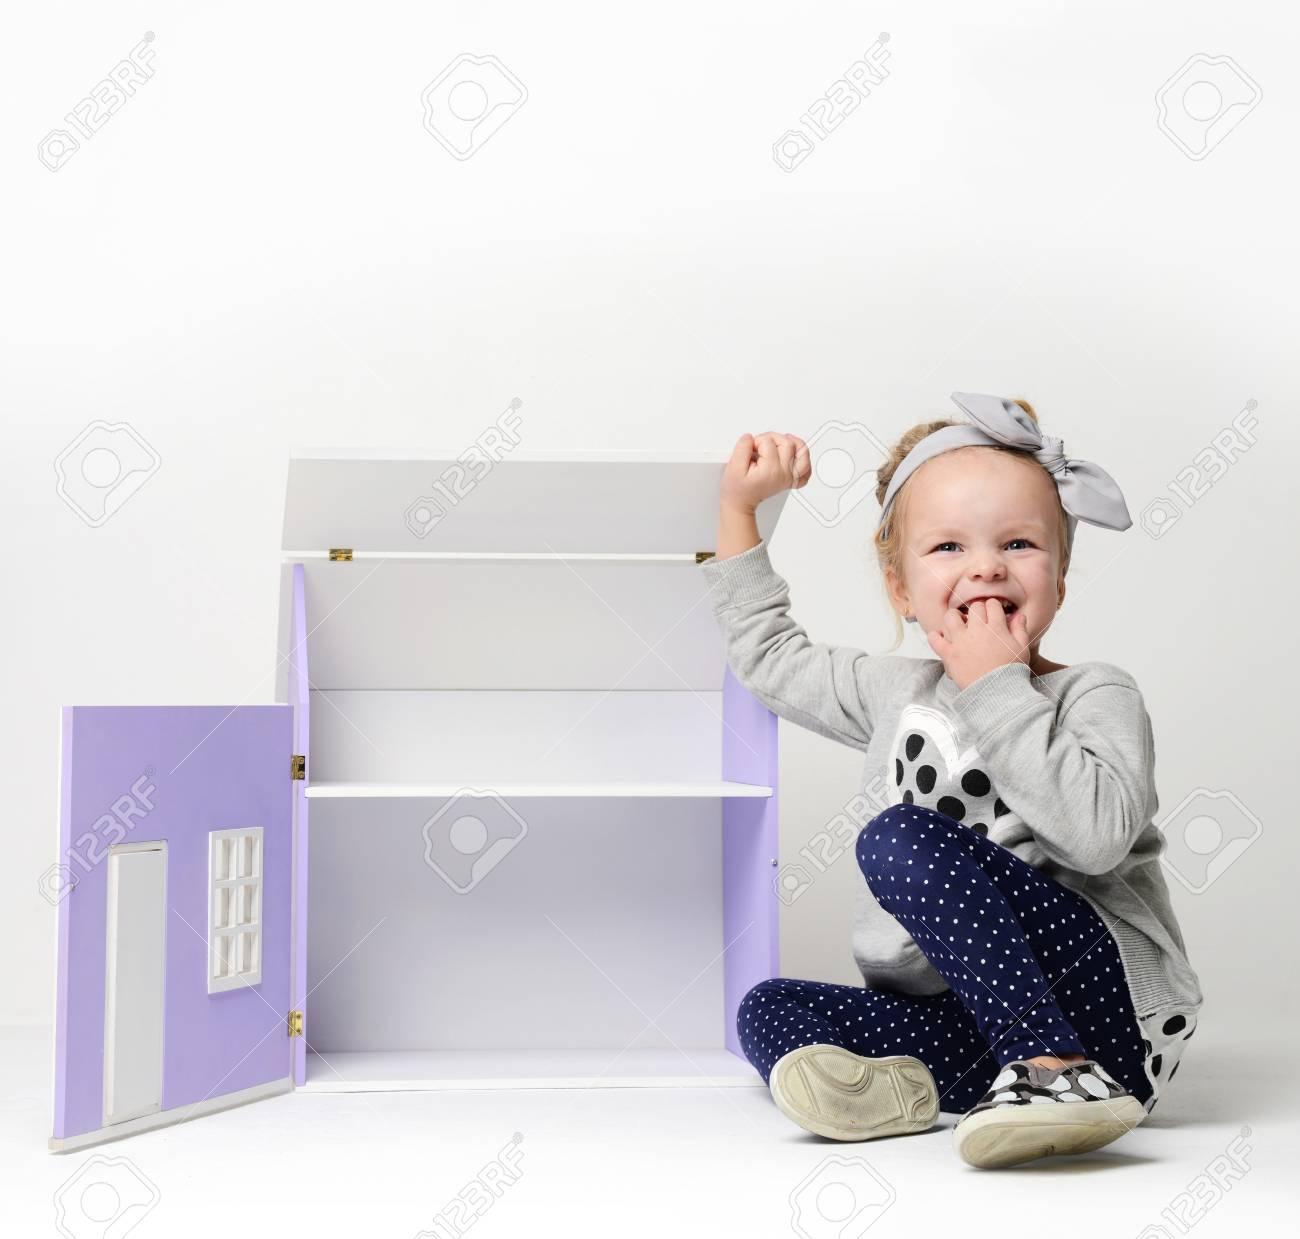 Bébé Fille Enfant Jouant Avec Grande Maison Mauve Dans La Salle De Jeux À  La Maison Ou Maternelle Sur Fond Gris concernant Jeux Bebe Fille